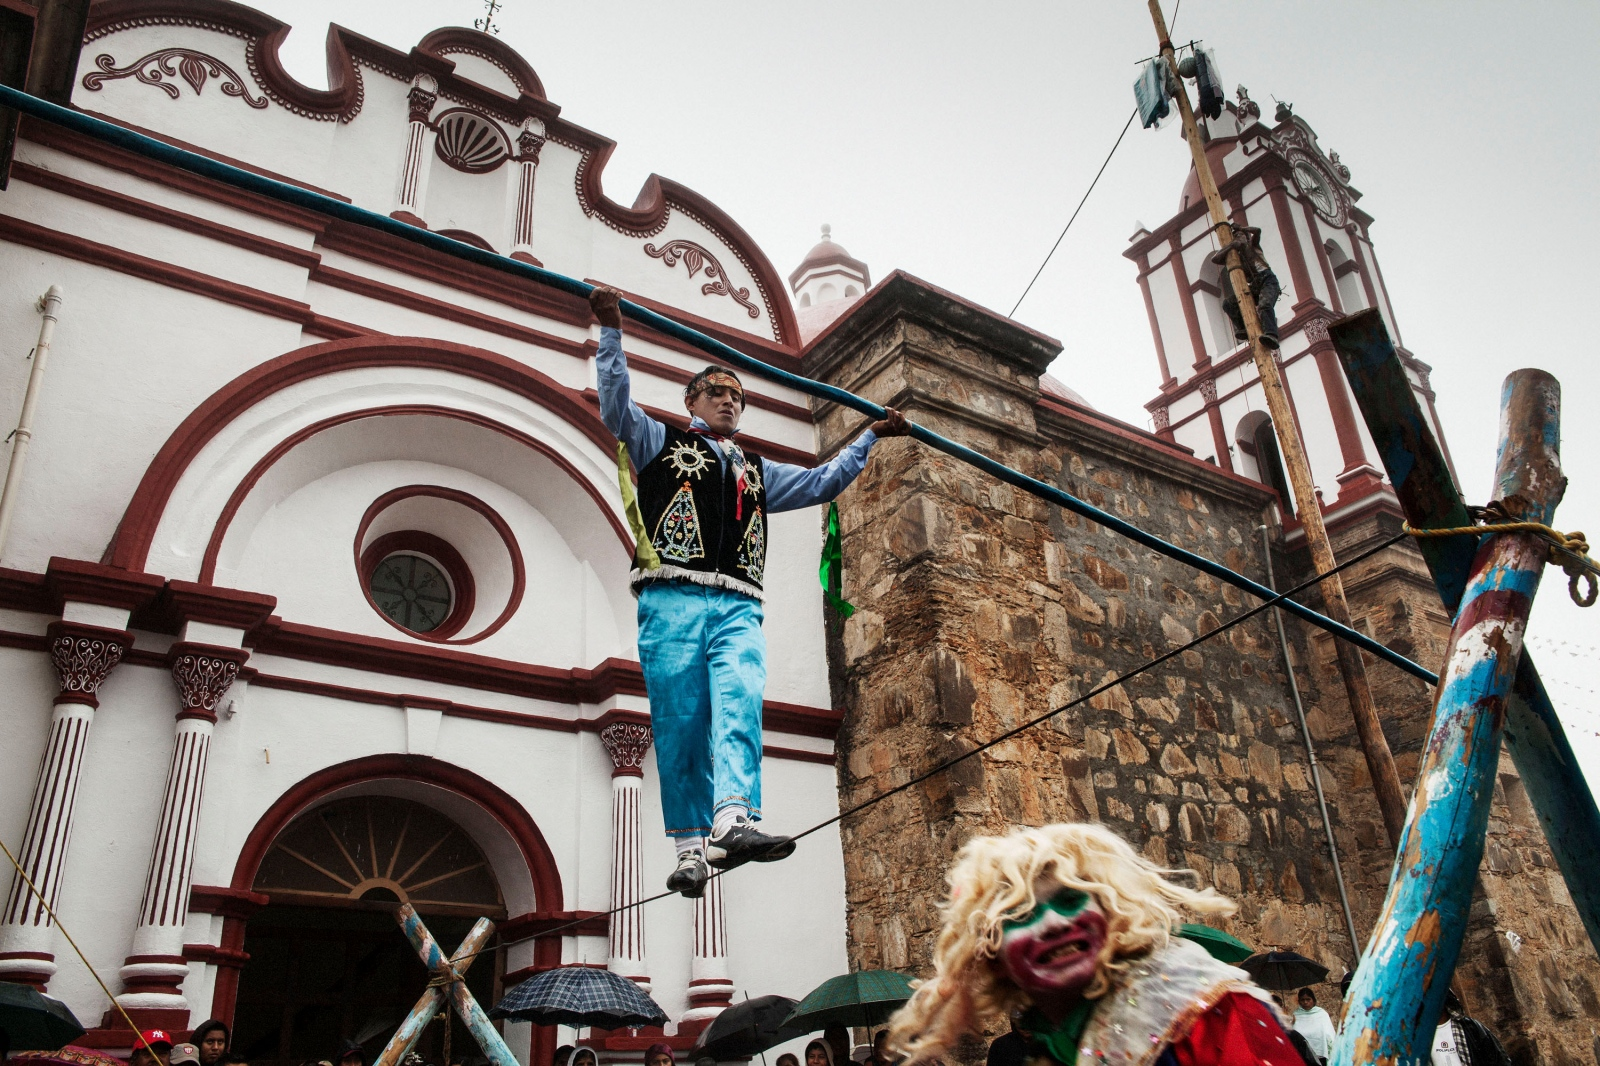 TALEA DE CASTRO, ENERO 15 DE 2012. Maromeros de Otatitlán de Morelos participan en la fiesta del Dulce Nombre de Jesús en Talea de Castro.